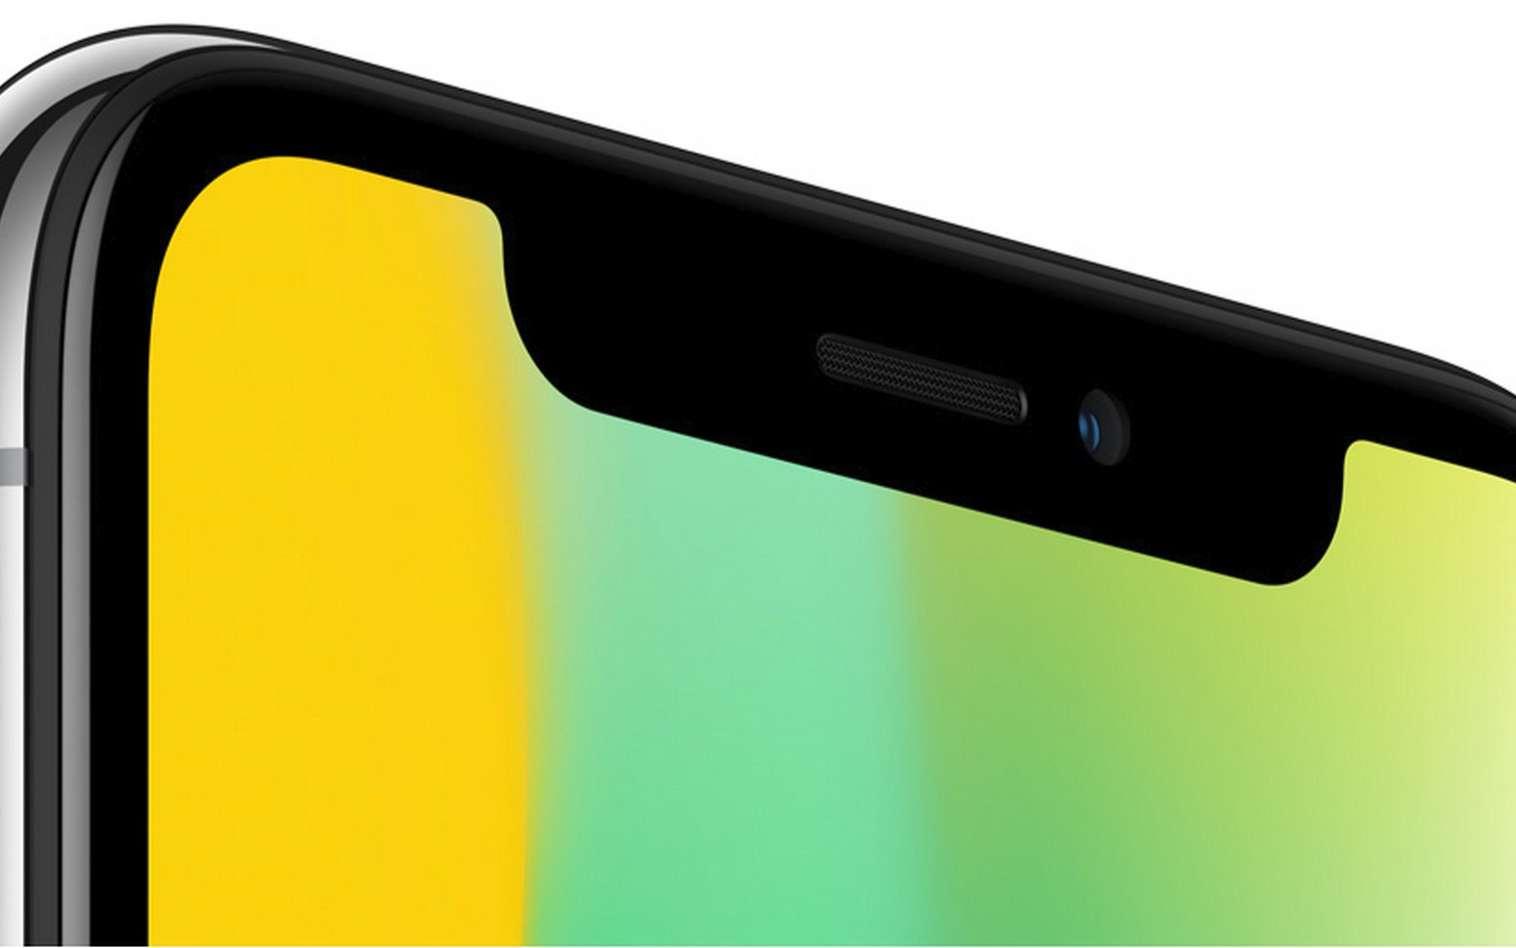 L'iPhone X d'Apple est le premier smartphone à faire de la reconnaissance faciale son principal système de sécurité. © Apple